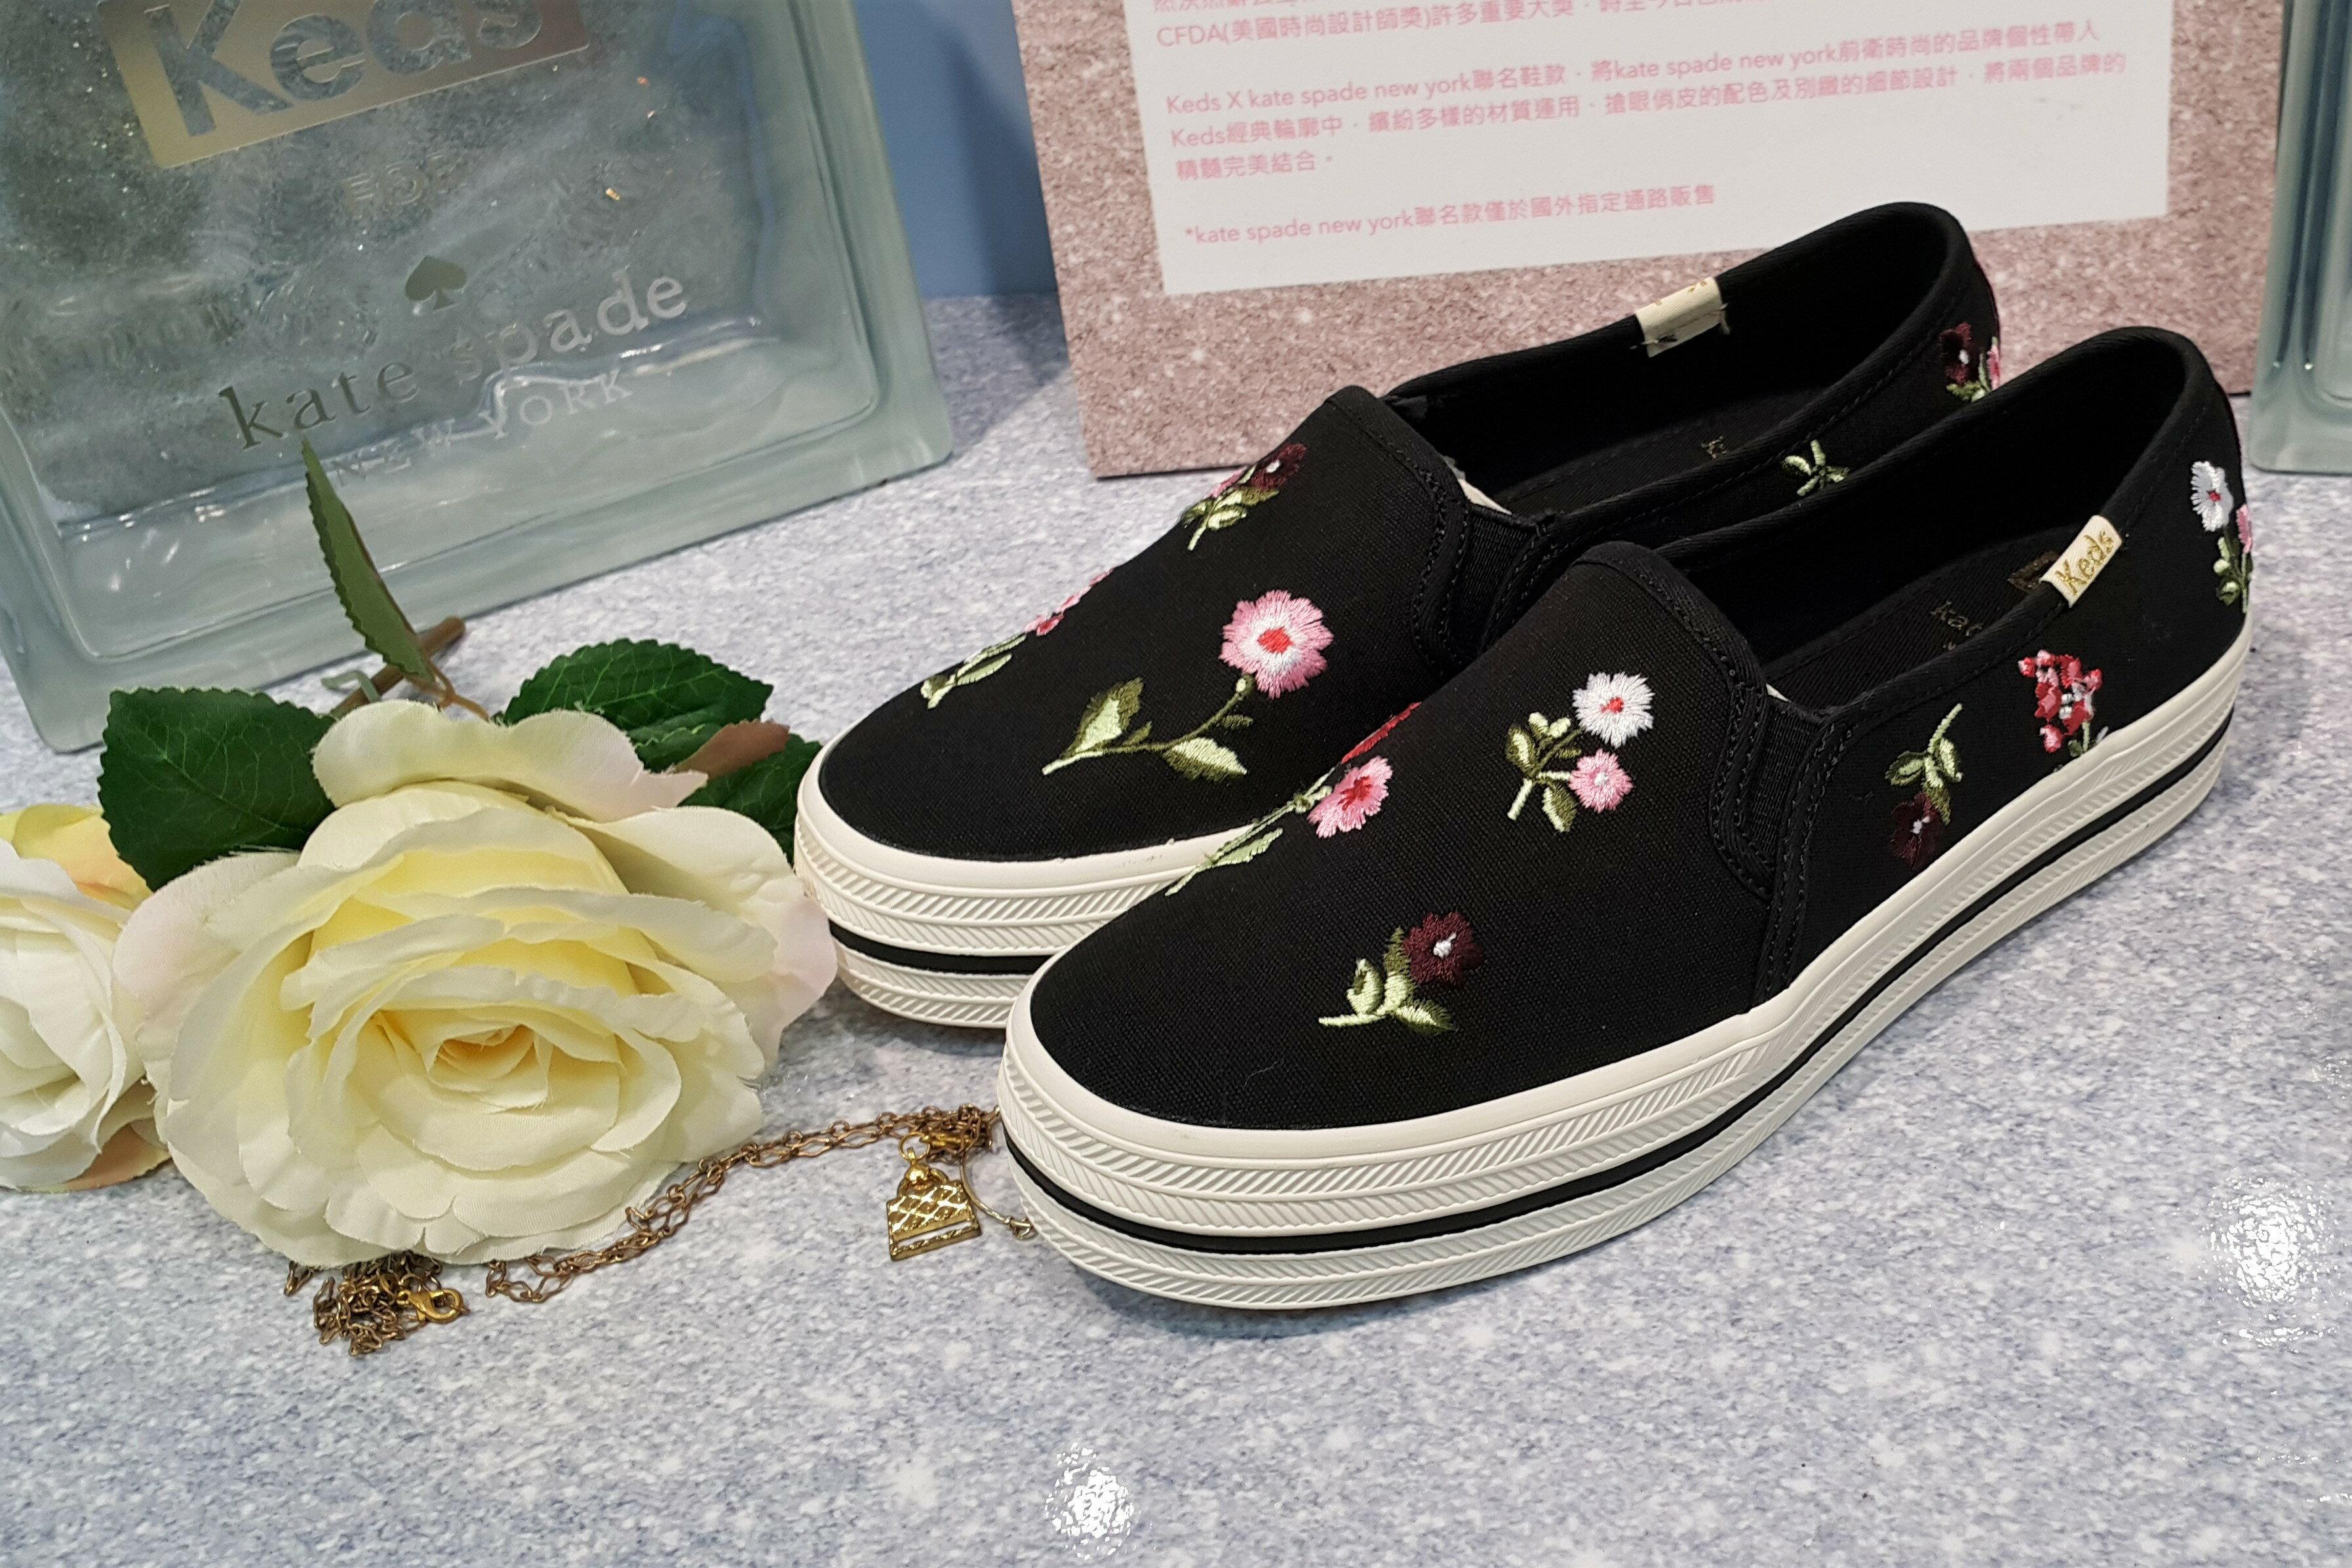 Keds x kate spade NEW YORK 聯名款 懶人鞋 厚底 3公分增高 黑色 彩色 花朵 刺繡 繡花 波希米亞風 限時贈送Keds購物袋 送完為止